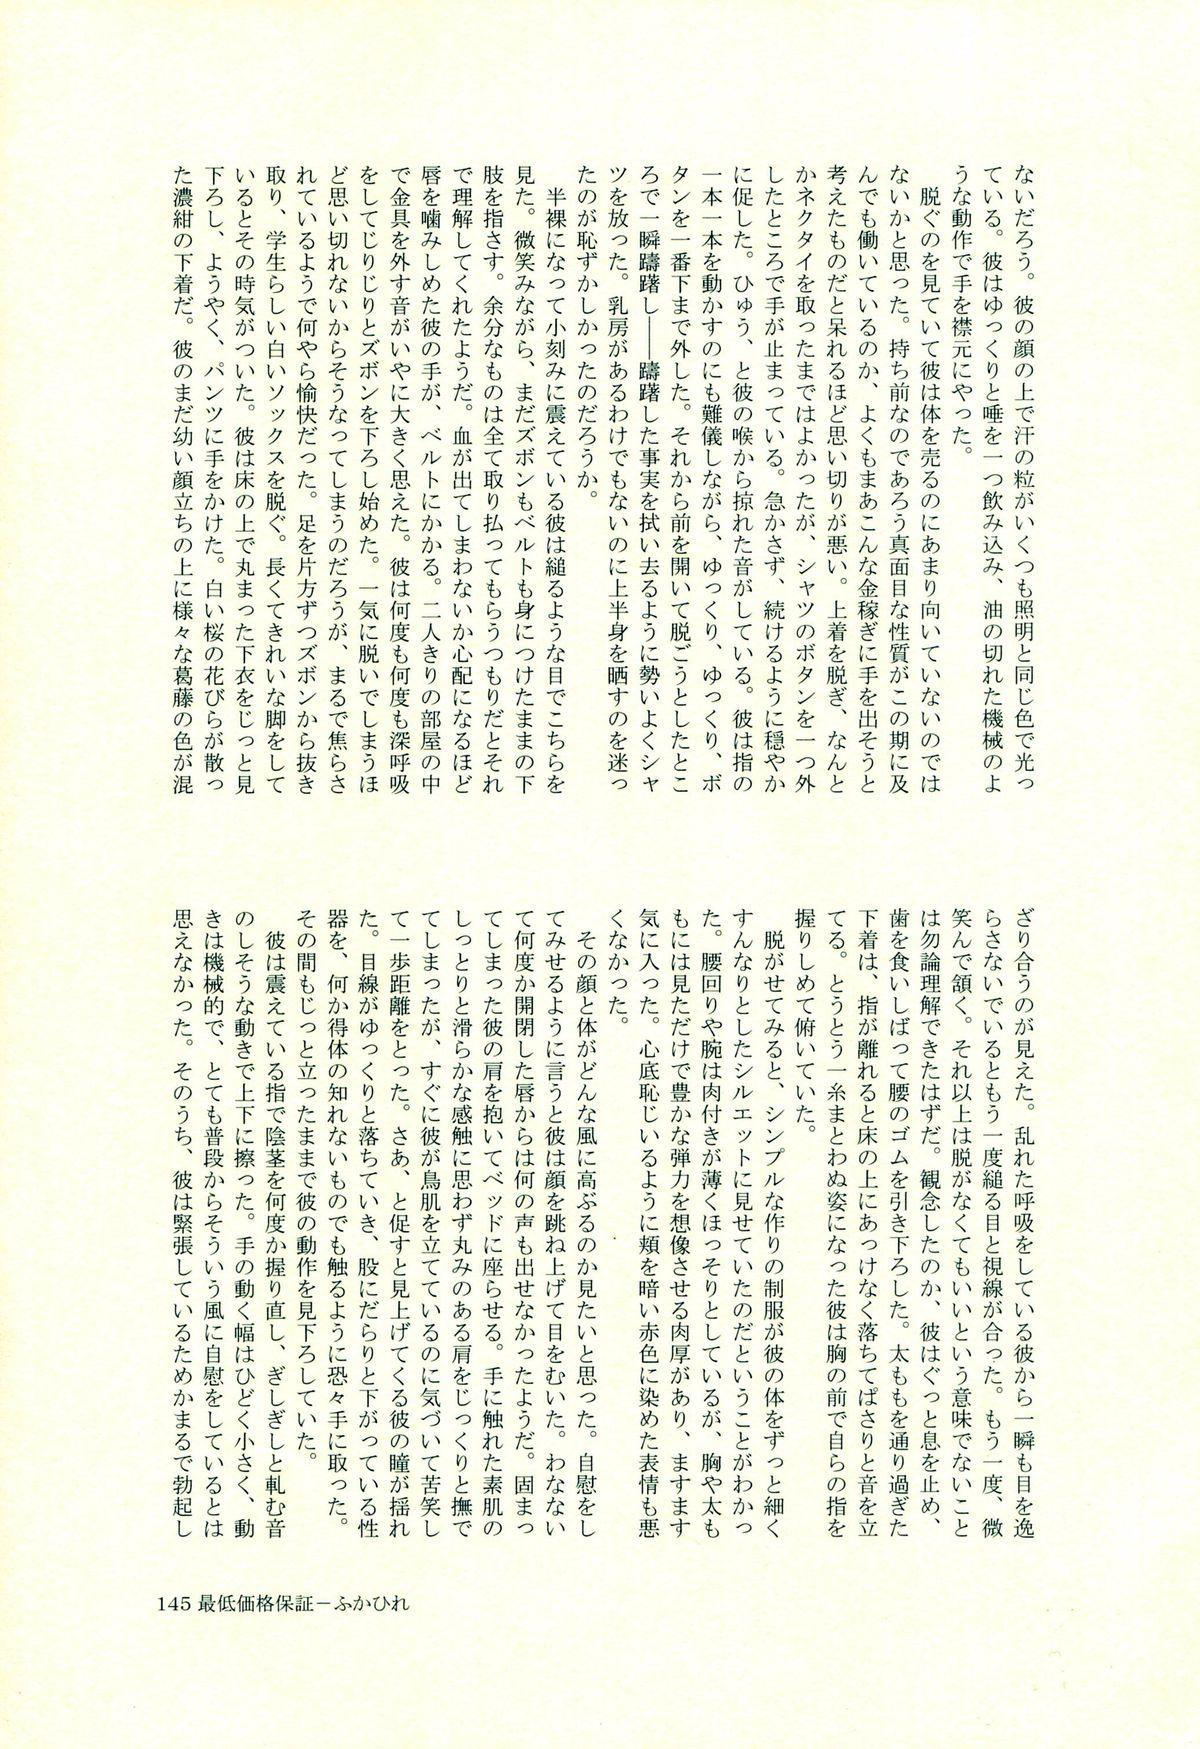 Hinata Hajime no Himitsu no Jikan 143